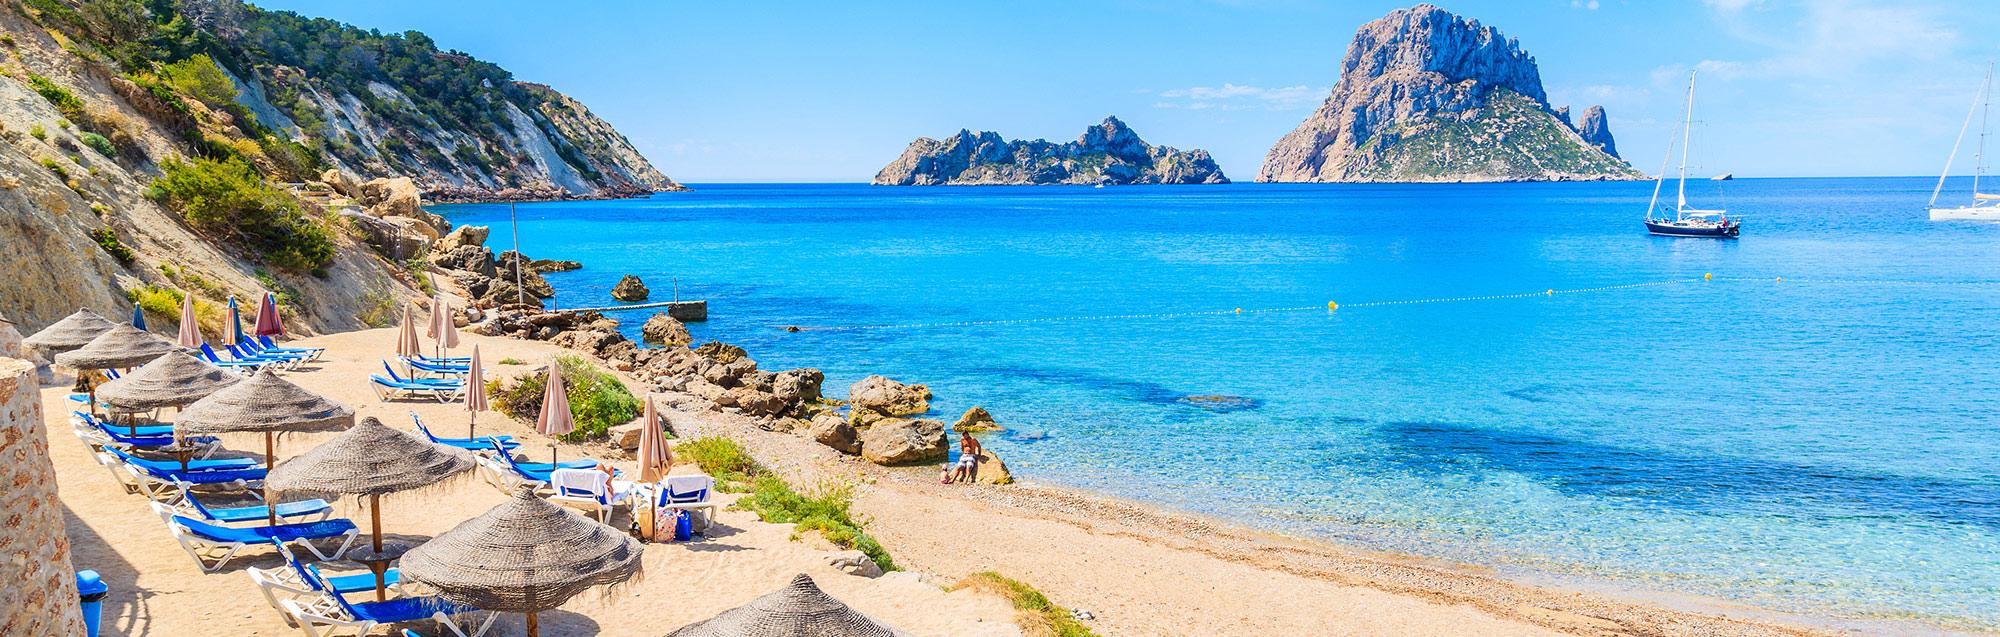 Sprachreise Ibiza